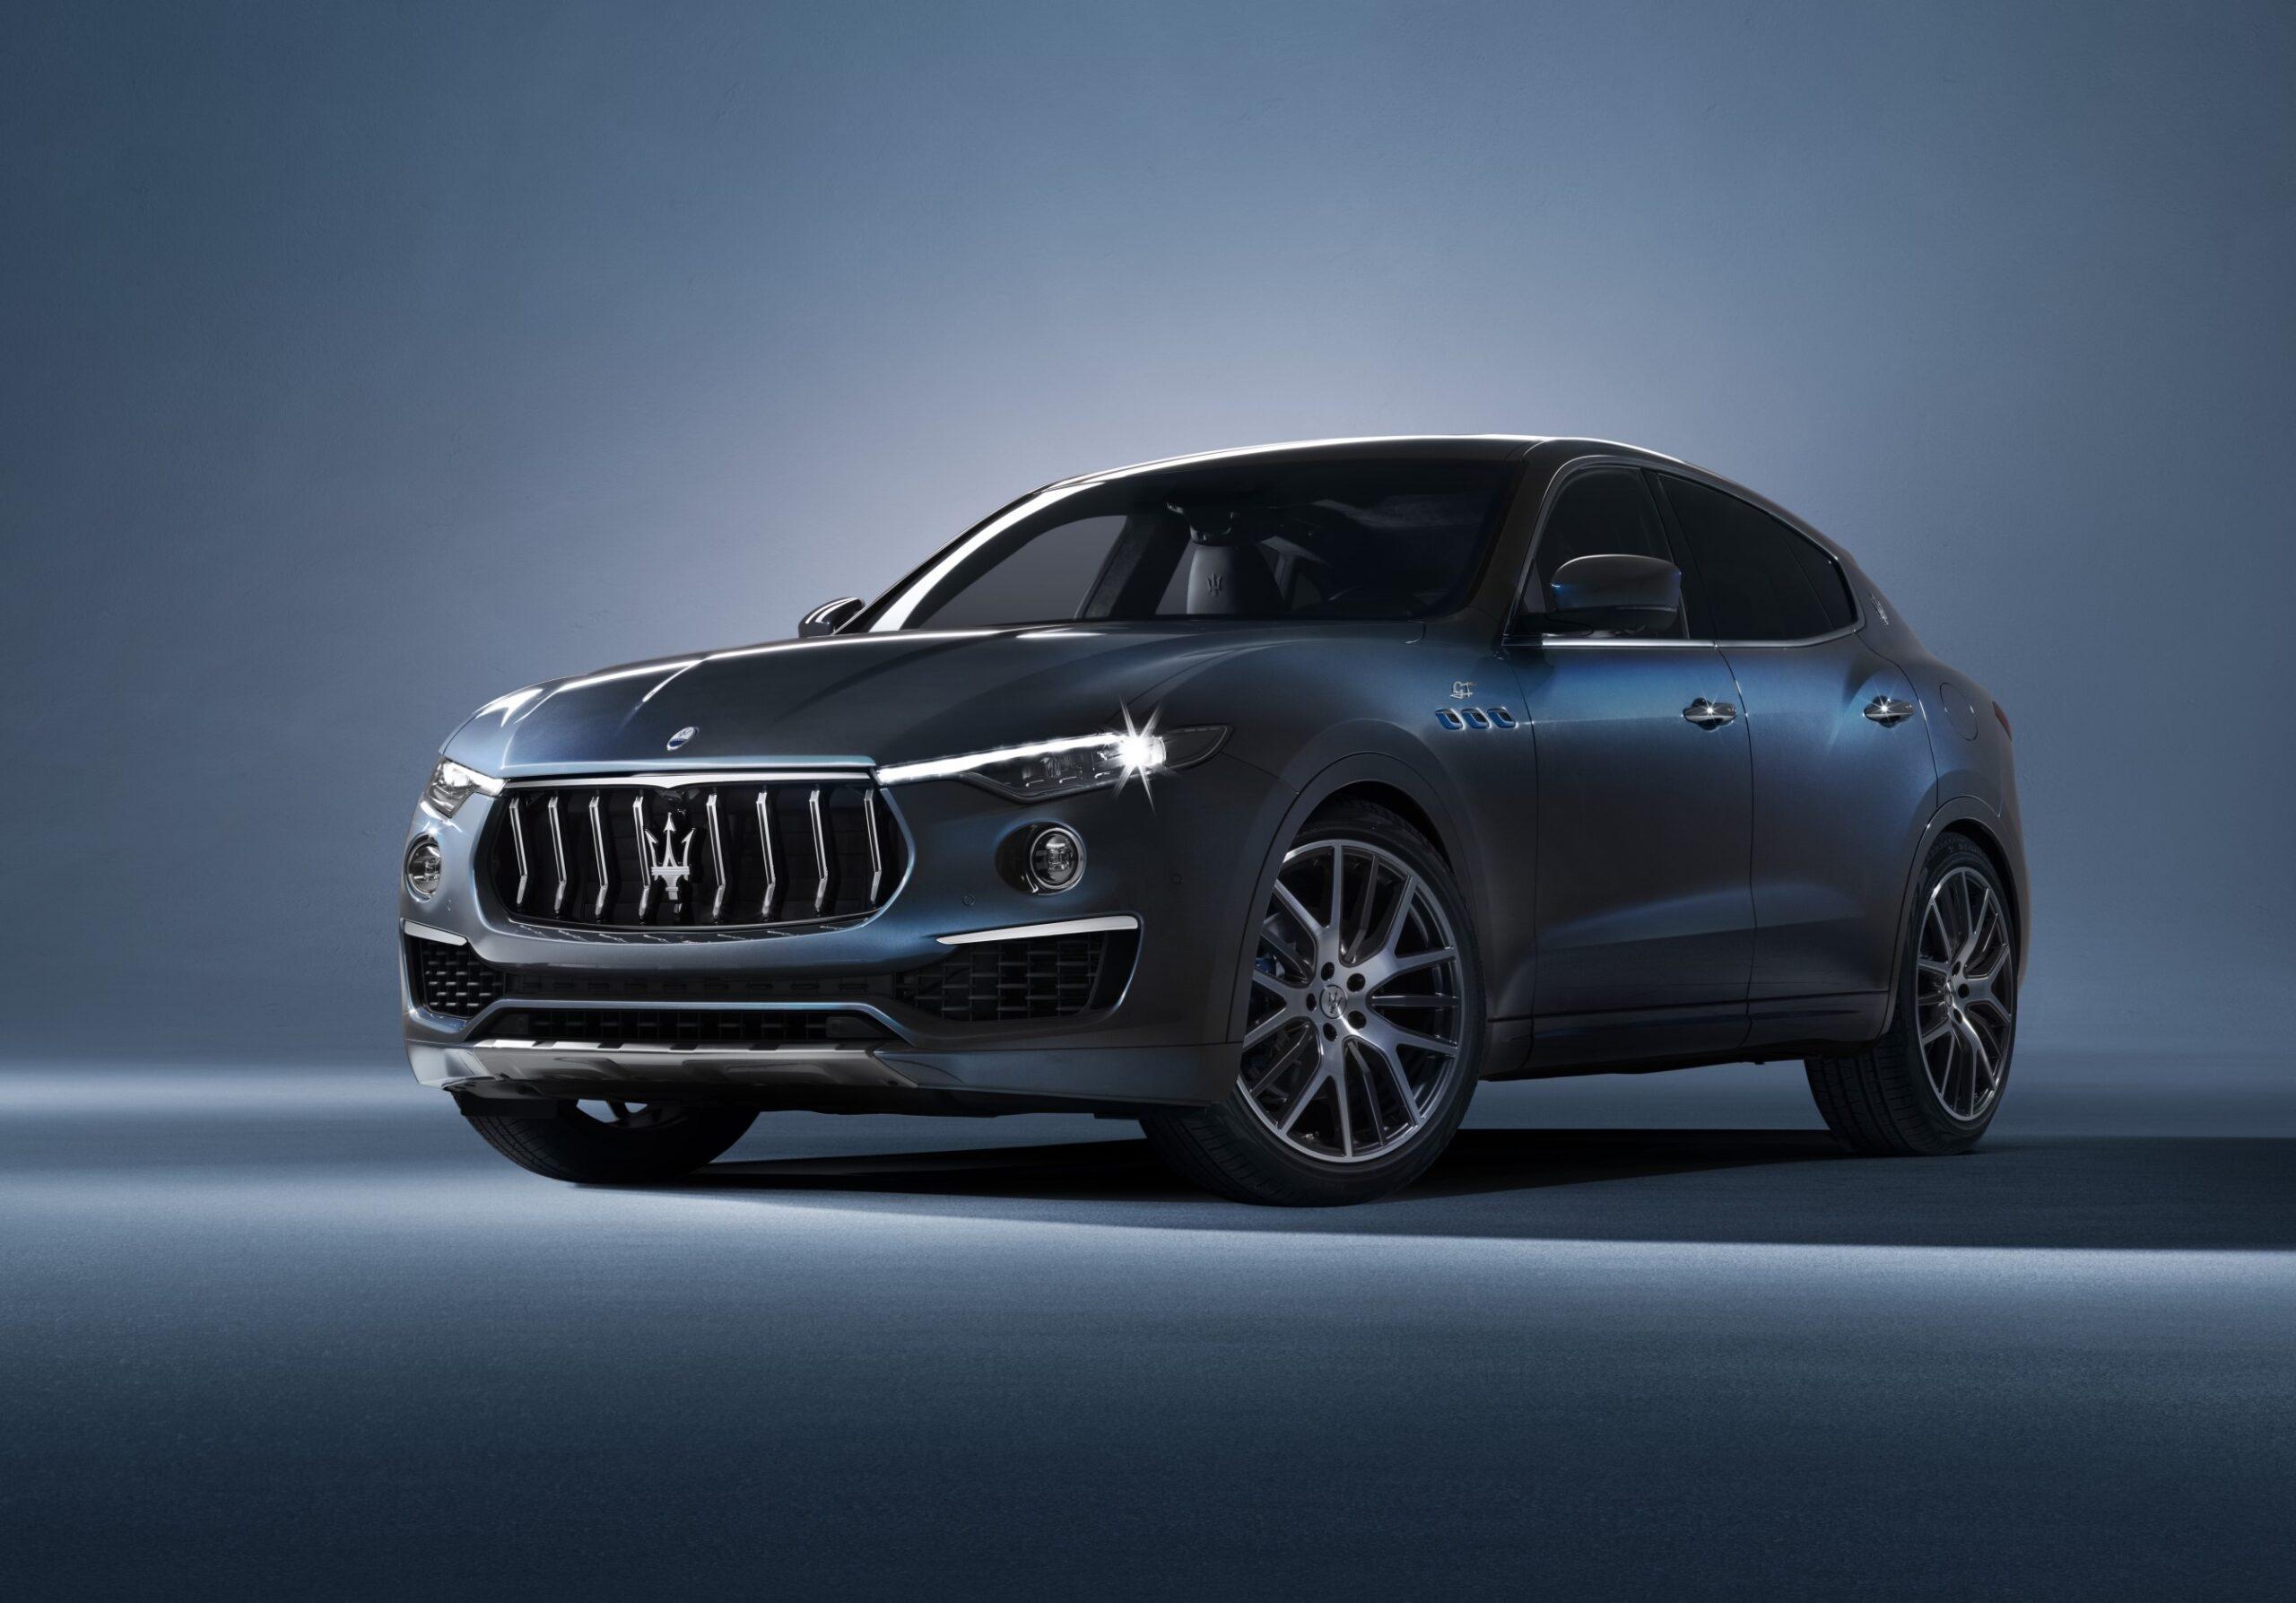 Nuova Maserati Levante Hybrid: tutte le informazioni sul SUV elettrificato.